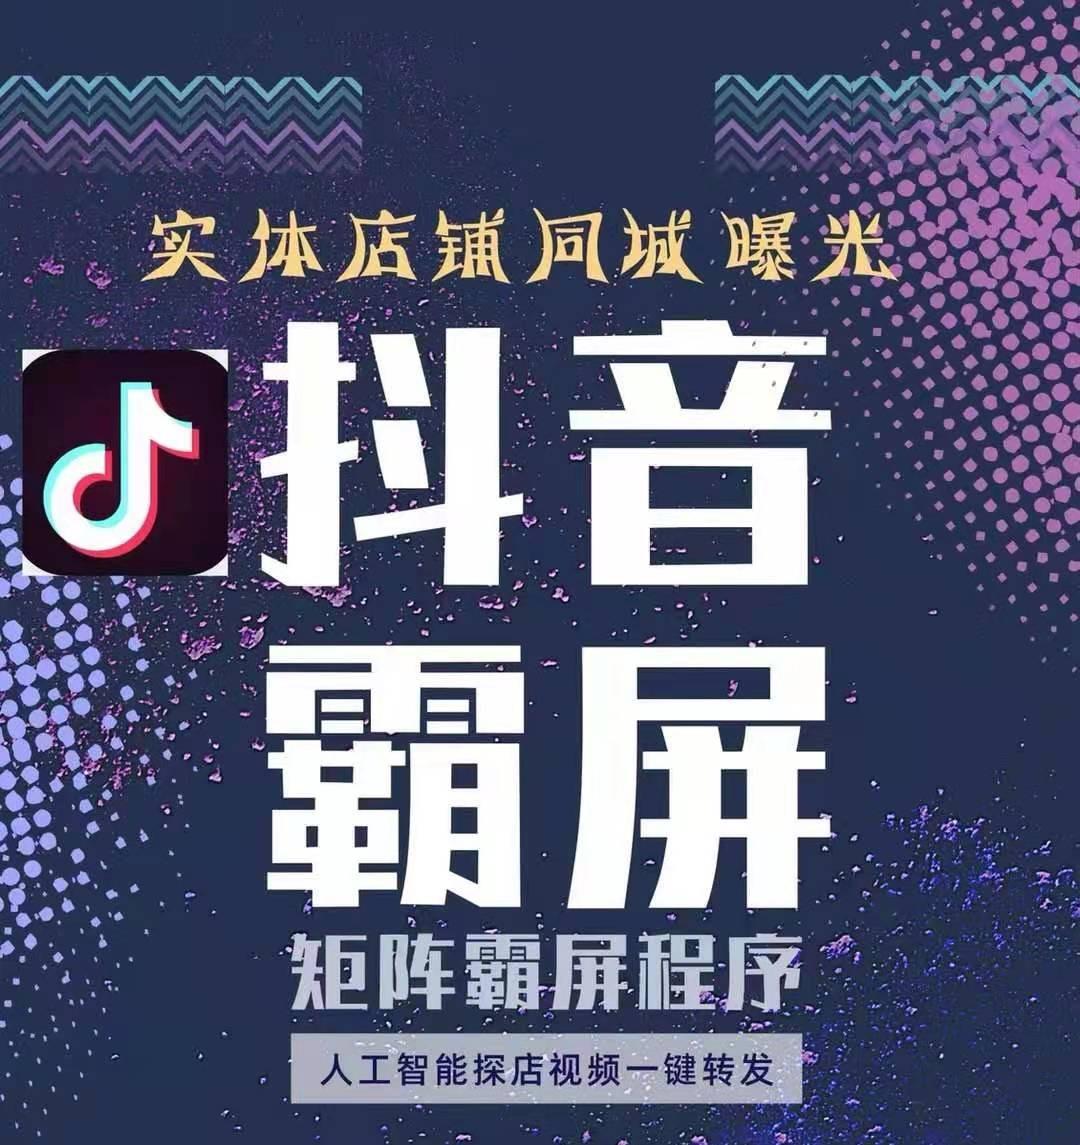 抖音同城爆店码抖云推/自动发视频/商家二维码扫码/爆粉营销